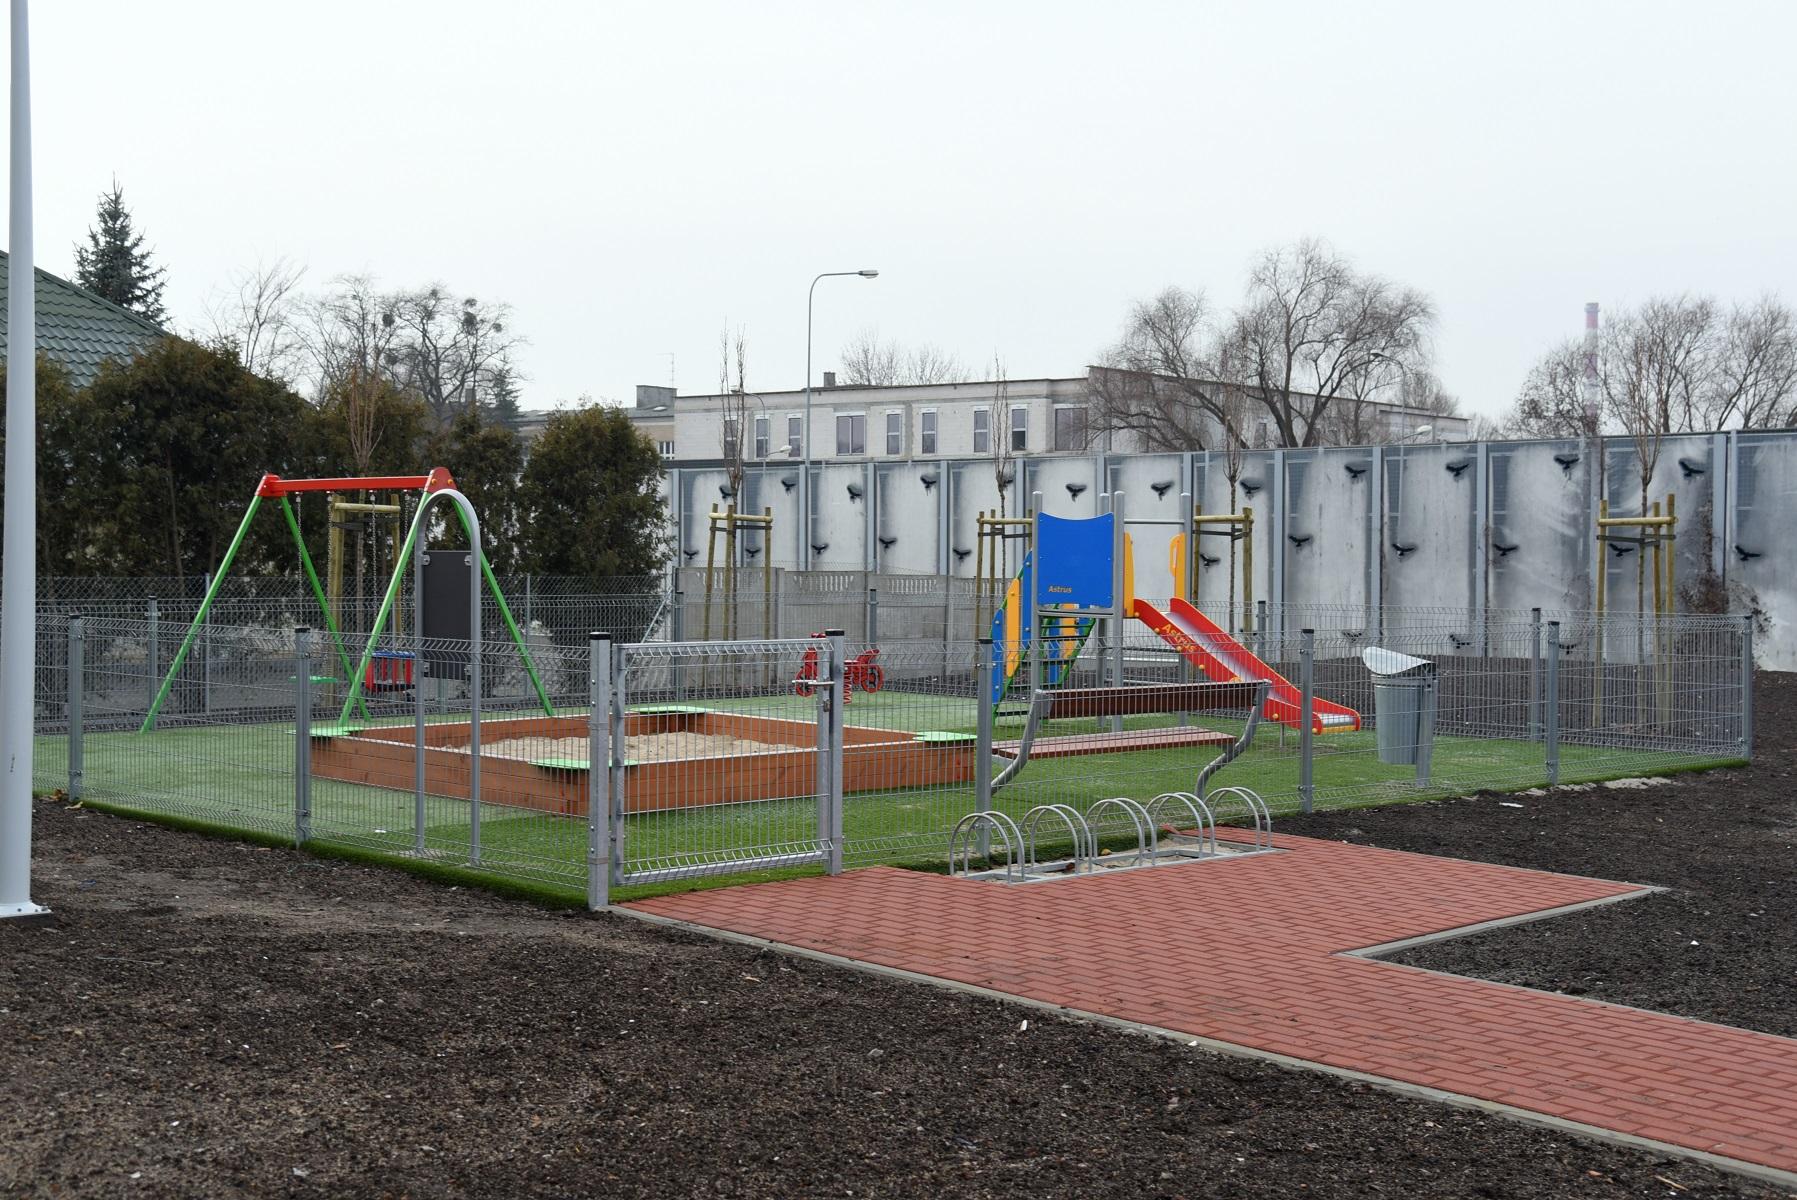 Budowa bloków komunalnych na Zawadach rozpoczęła się w kwietniu 2017 r. i trwała do grudnia 2018 r. (fot.poznan.pl)